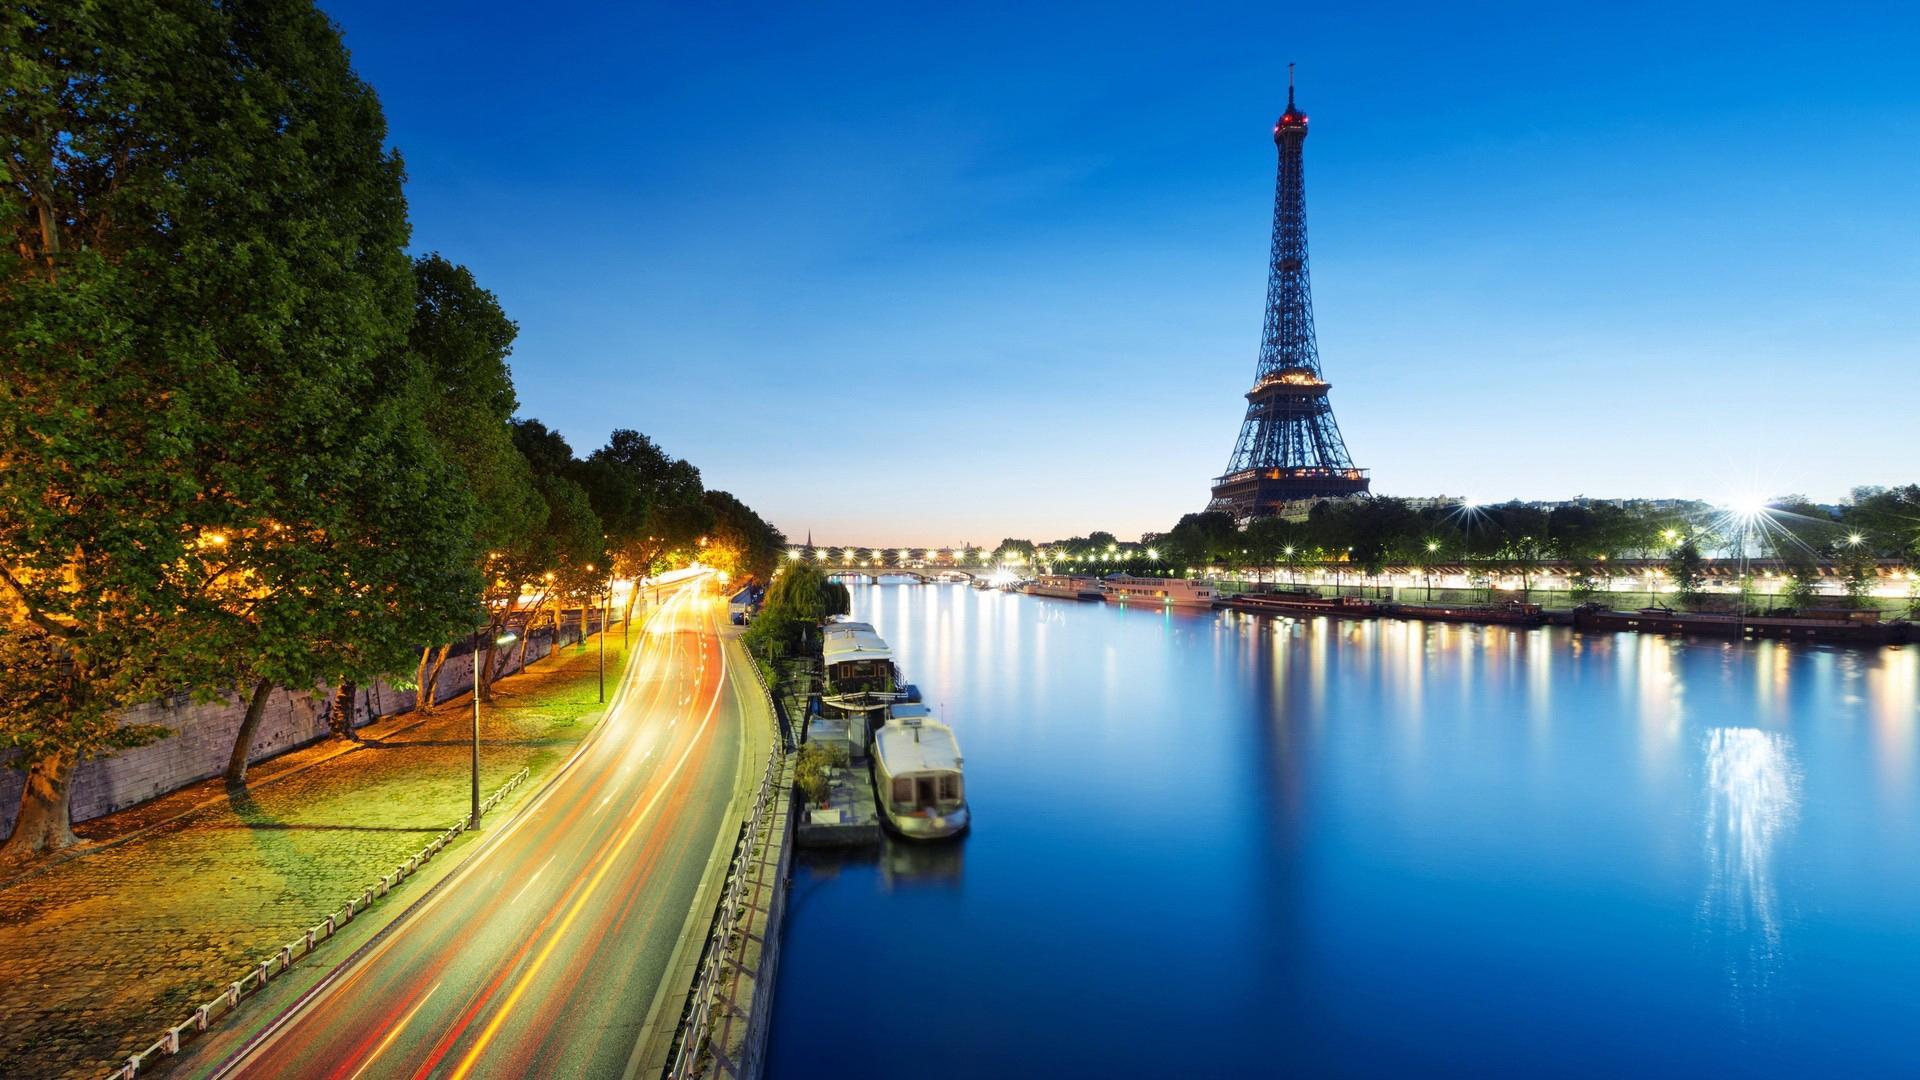 Eiffel Tower Hd Desktop Wallpaper High Definition Fullscreen